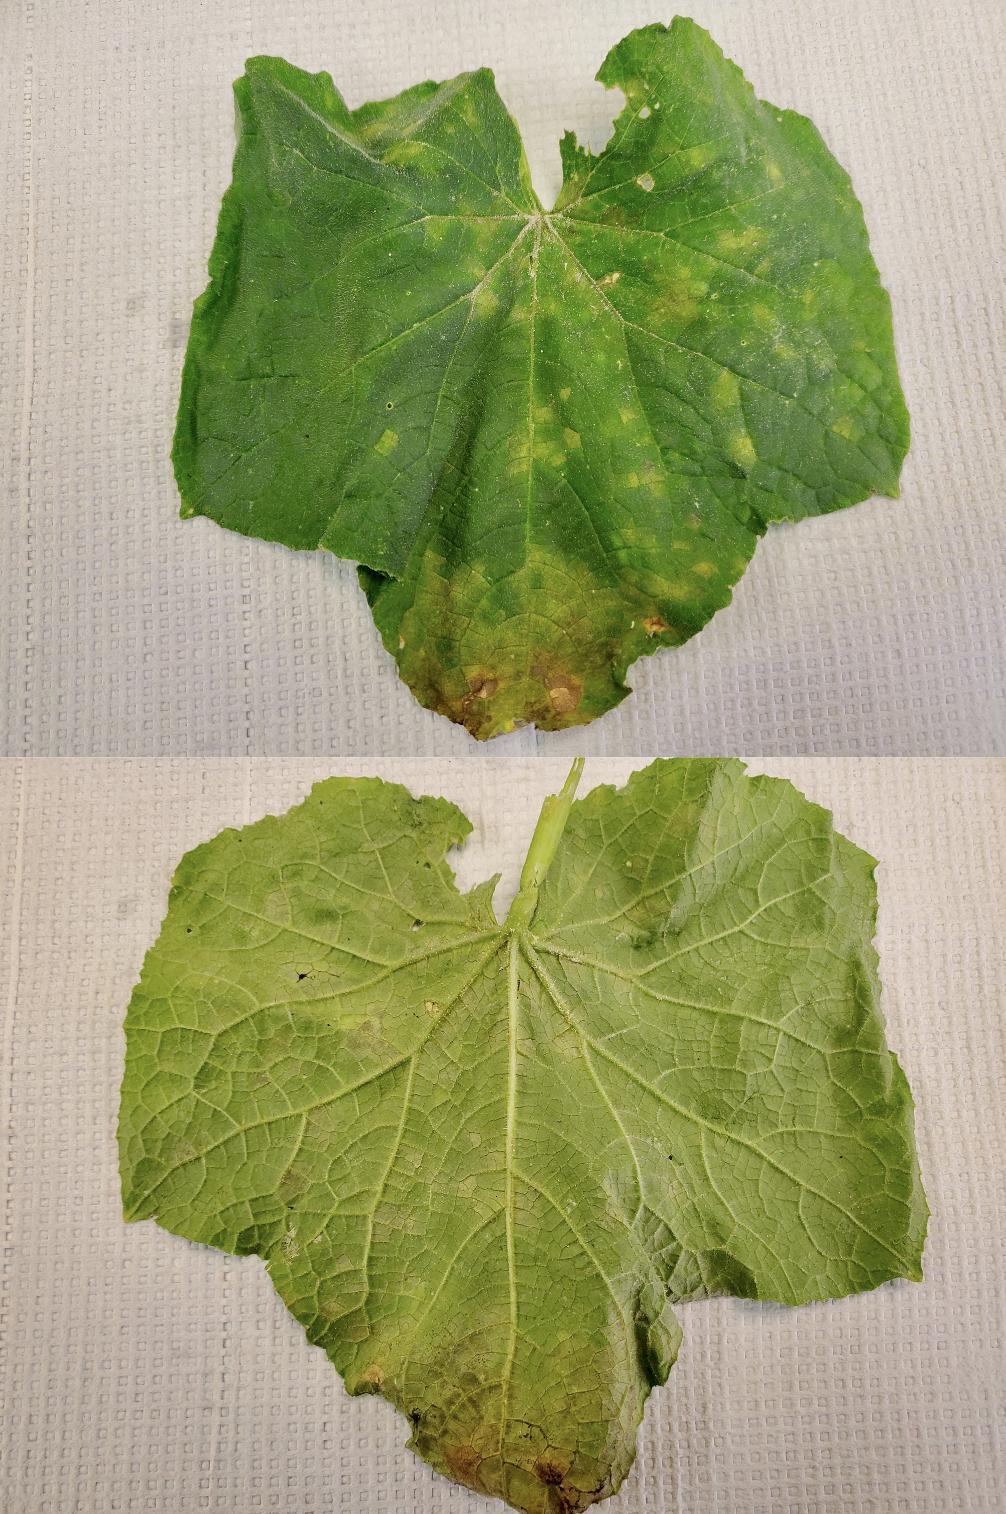 symptoms on upper and bottom side of leaf